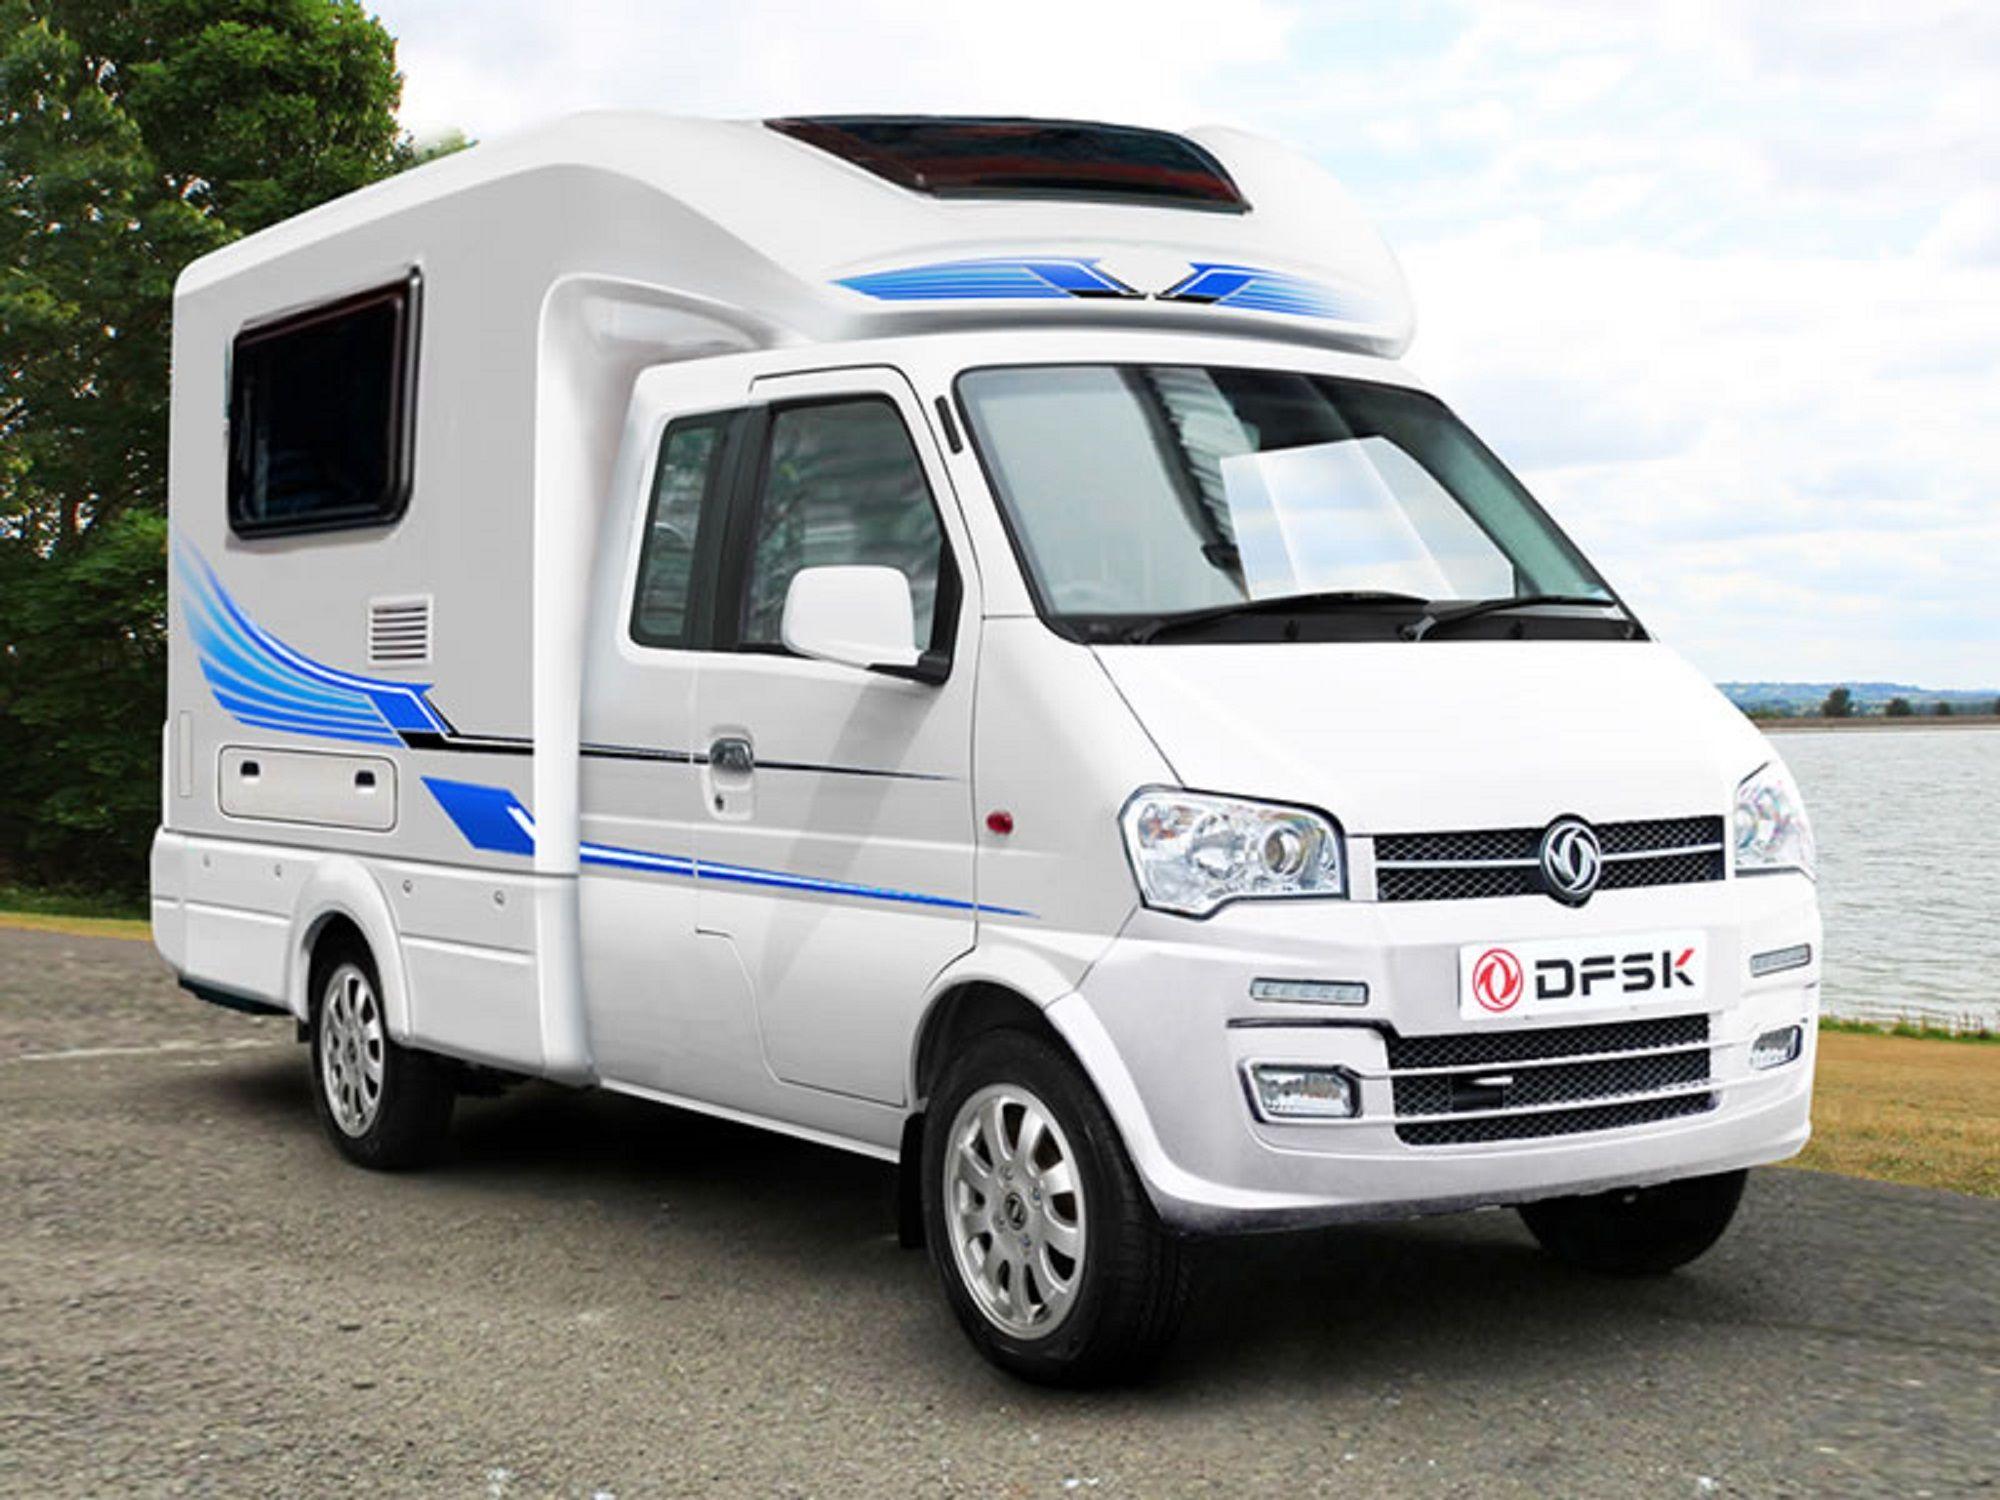 Dfsk Big Cab Mini Camper Http Dfskuk Com Big Cab Mini